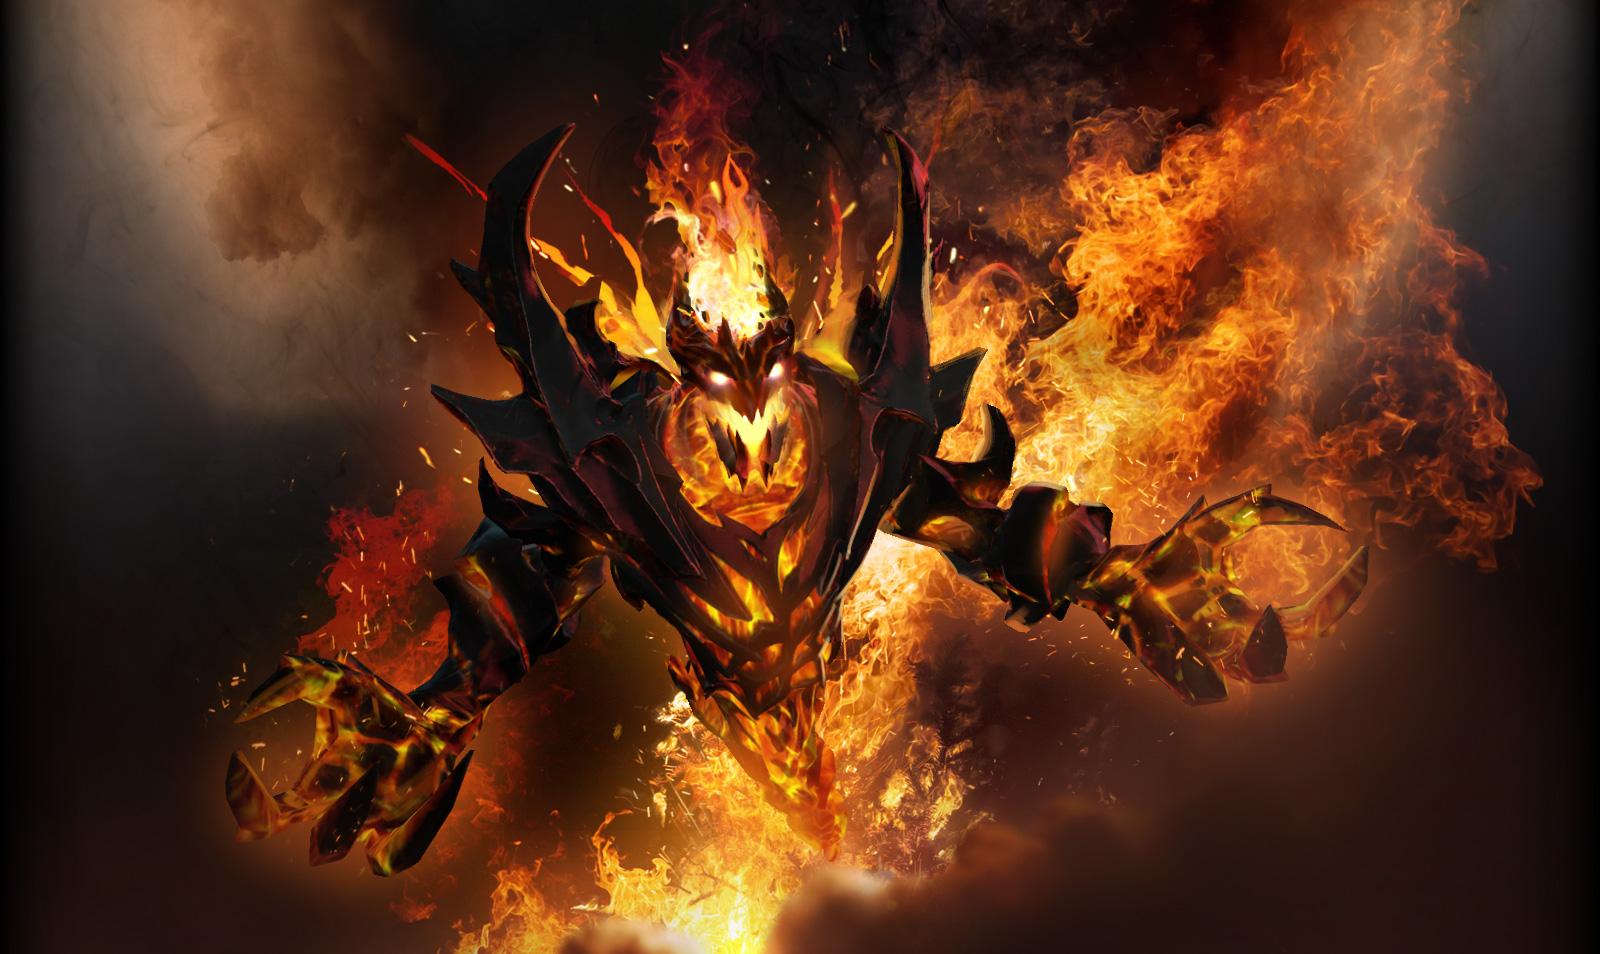 魂之挽歌 - 在毁天灭地的灵爆中